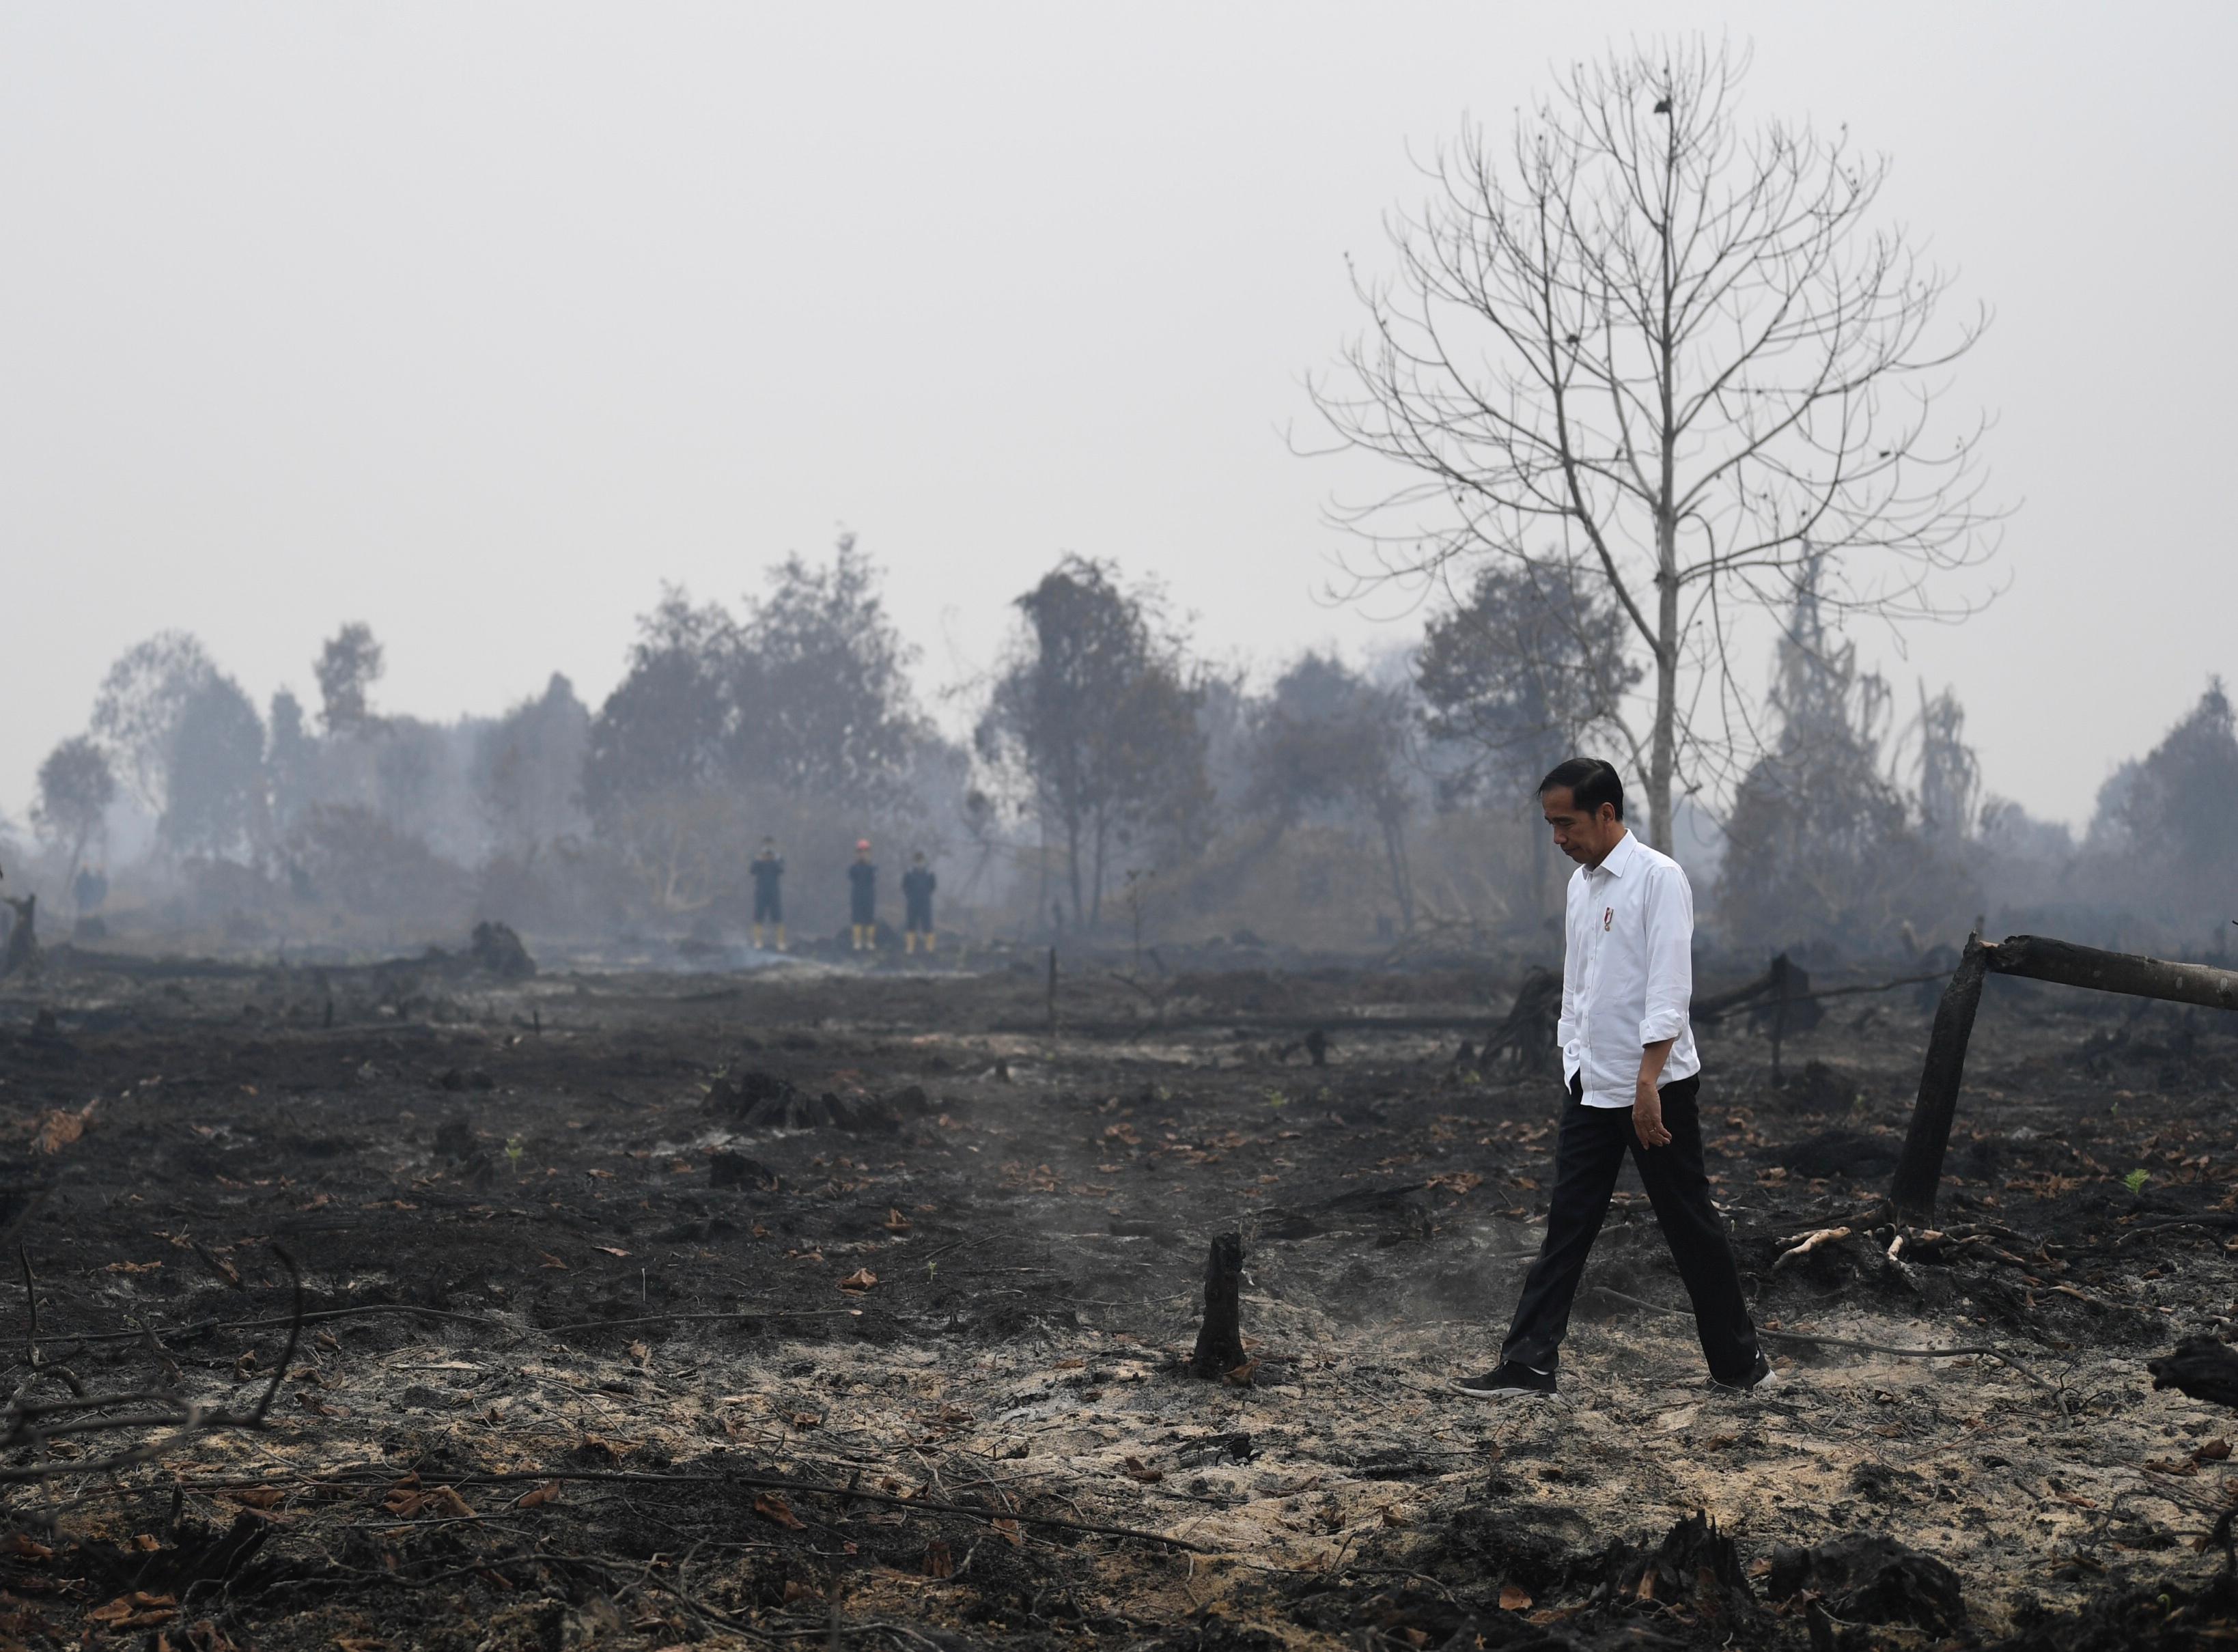 الرئيس يزور منطقة الحرائق